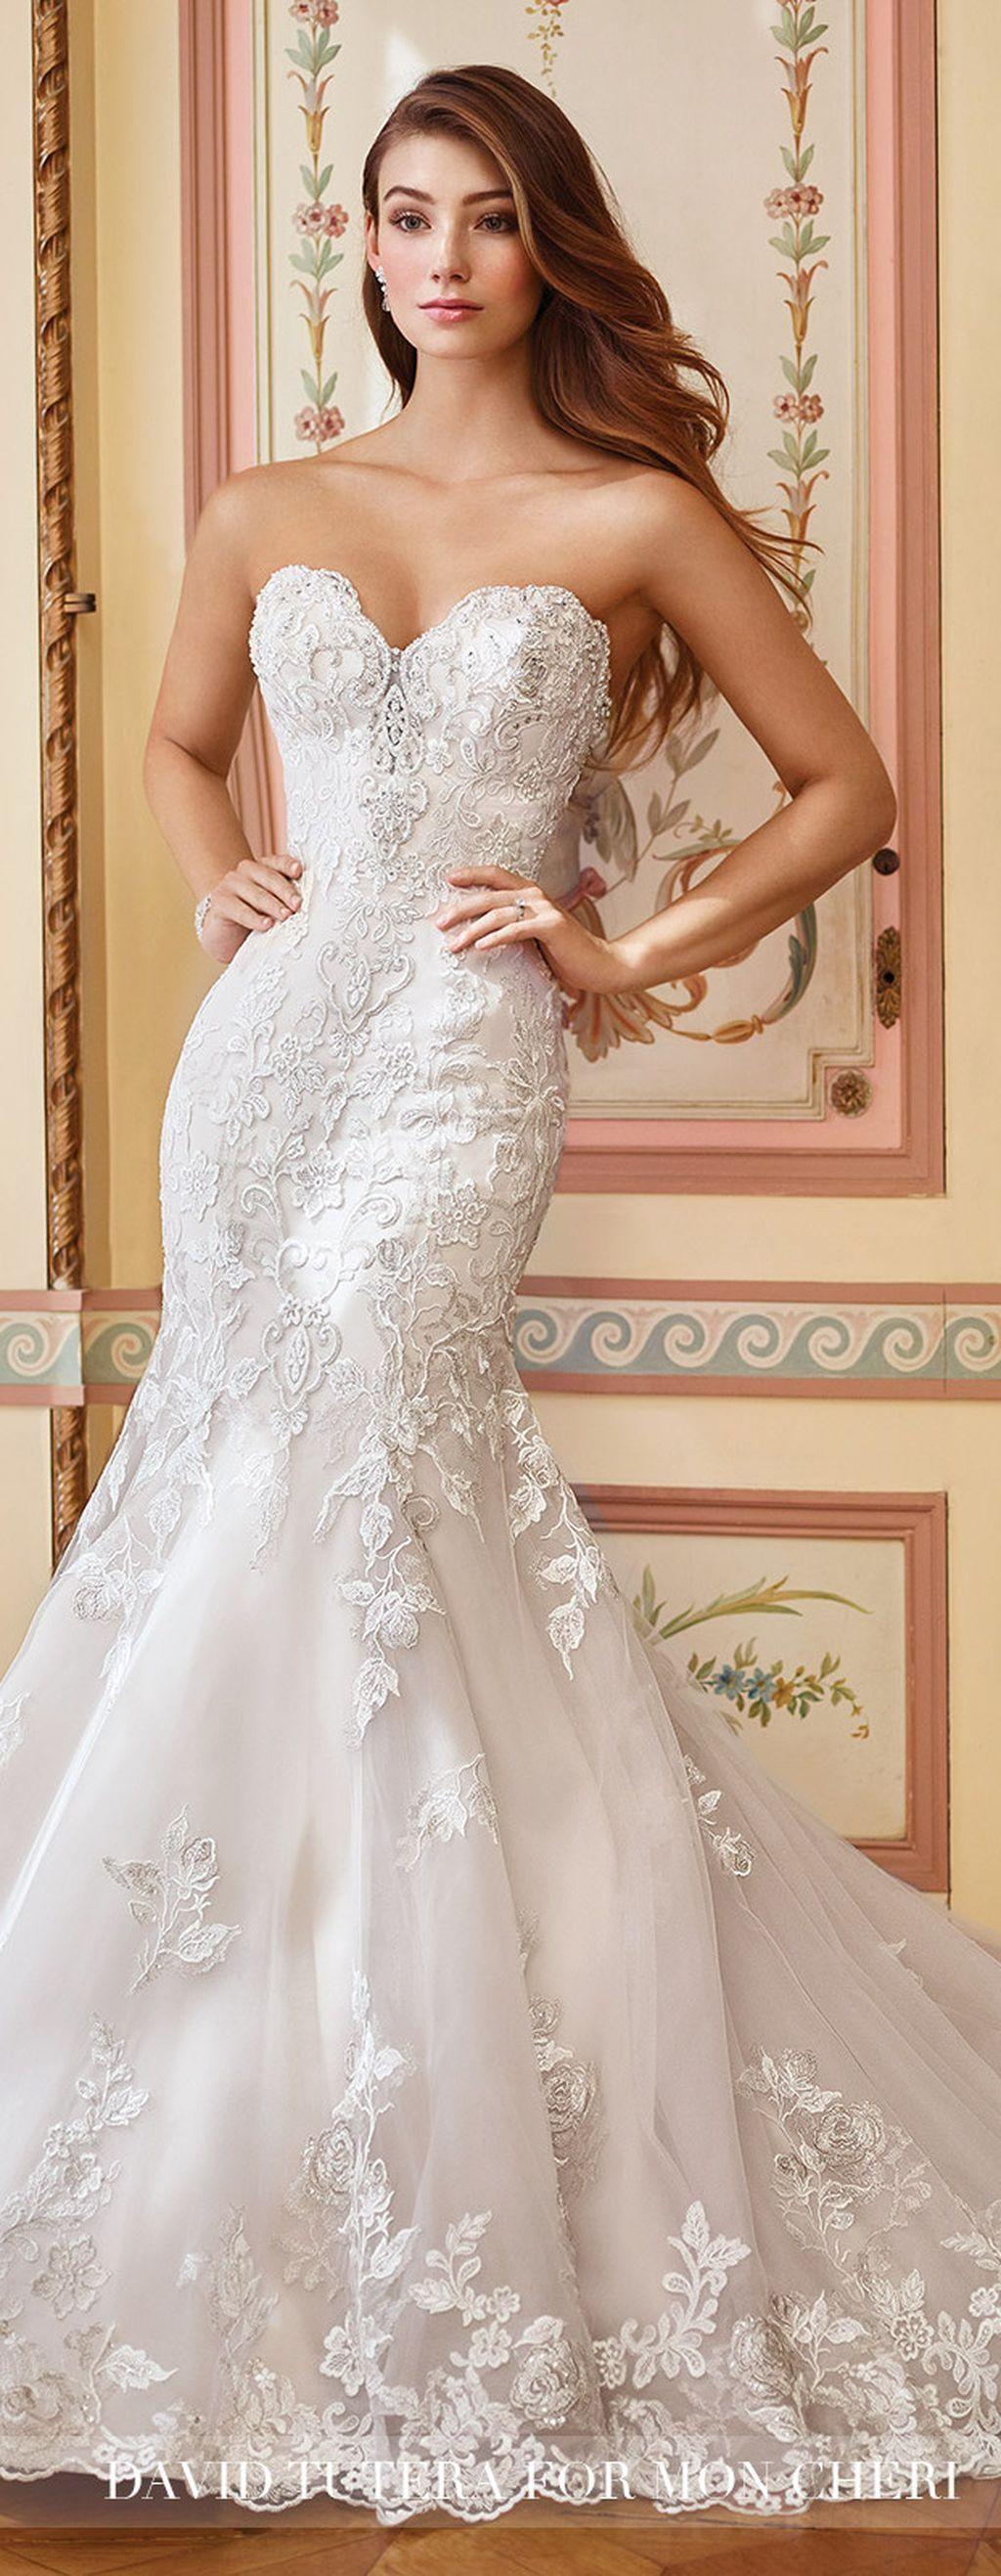 After wedding dress ideas   Simple but Unique Mermaid Wedding Dress Ideas  Mermaid wedding